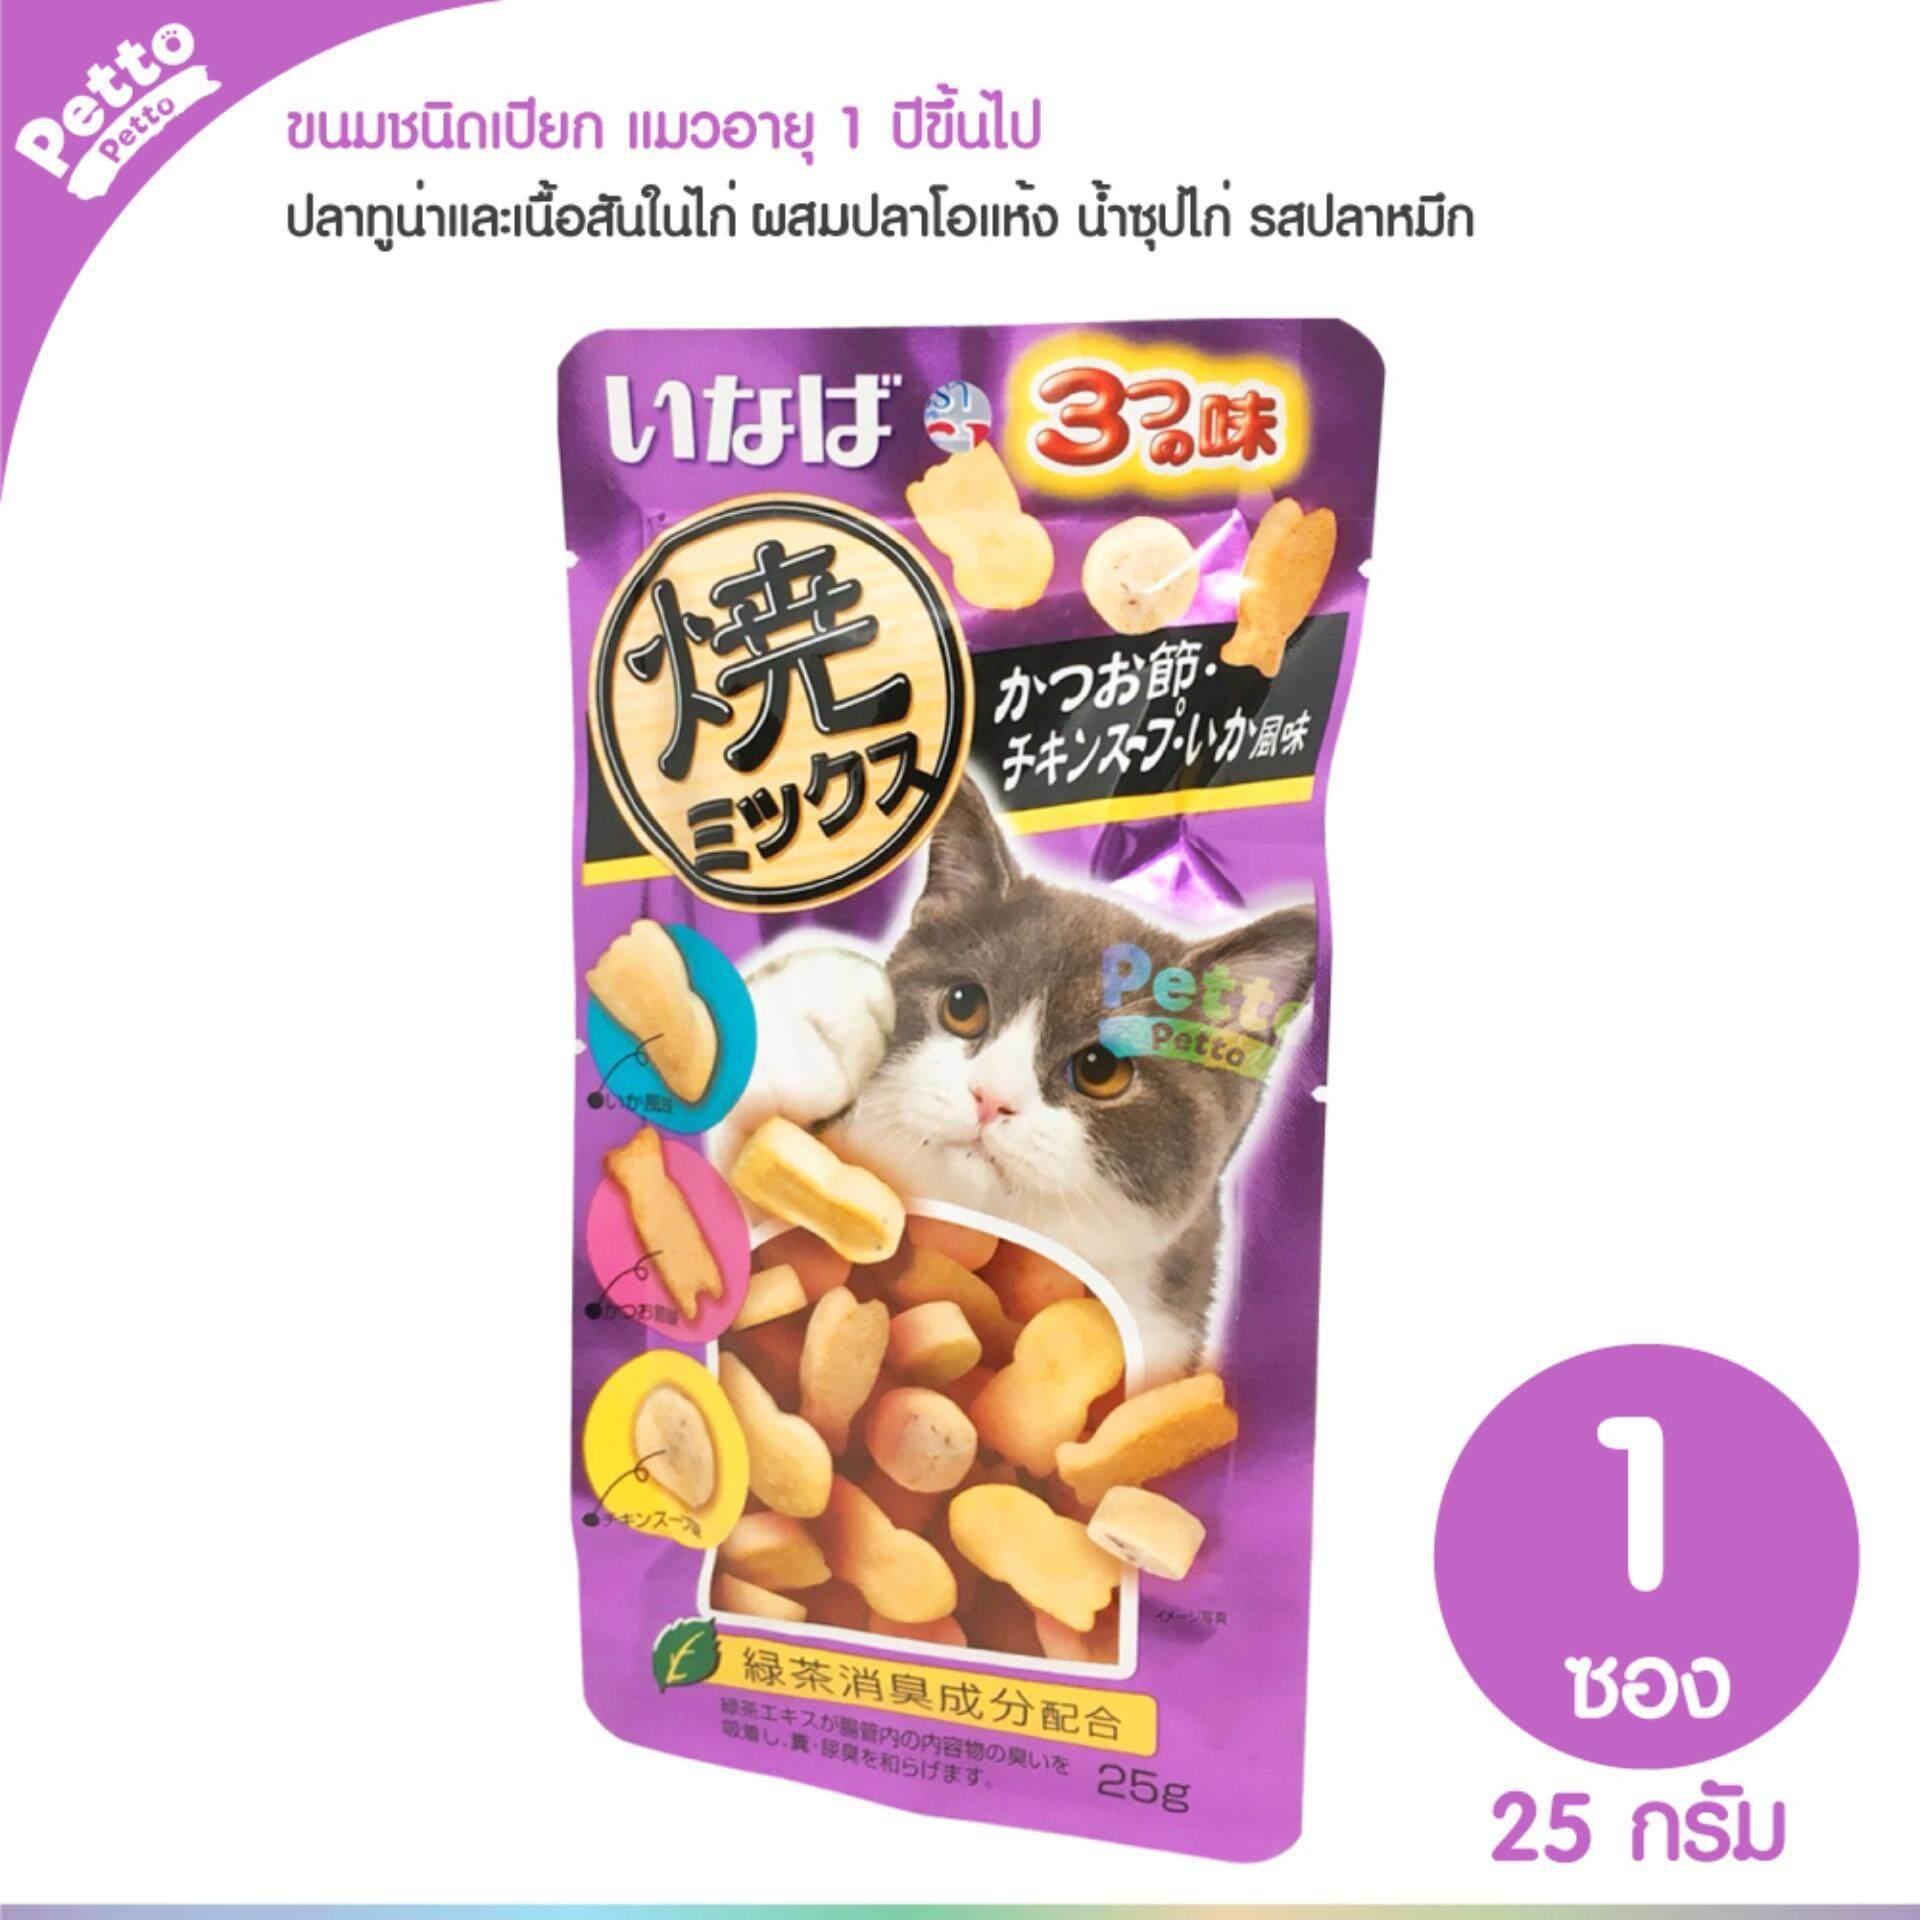 Inaba Soft Bits ขนมแมว รสปลาทูน่าและเนื้อสันในไก่ ผสมปลาโอแห้ง น้ำซุปไก่ รสปลาหมึก 25 กรัม By Petto Petto.